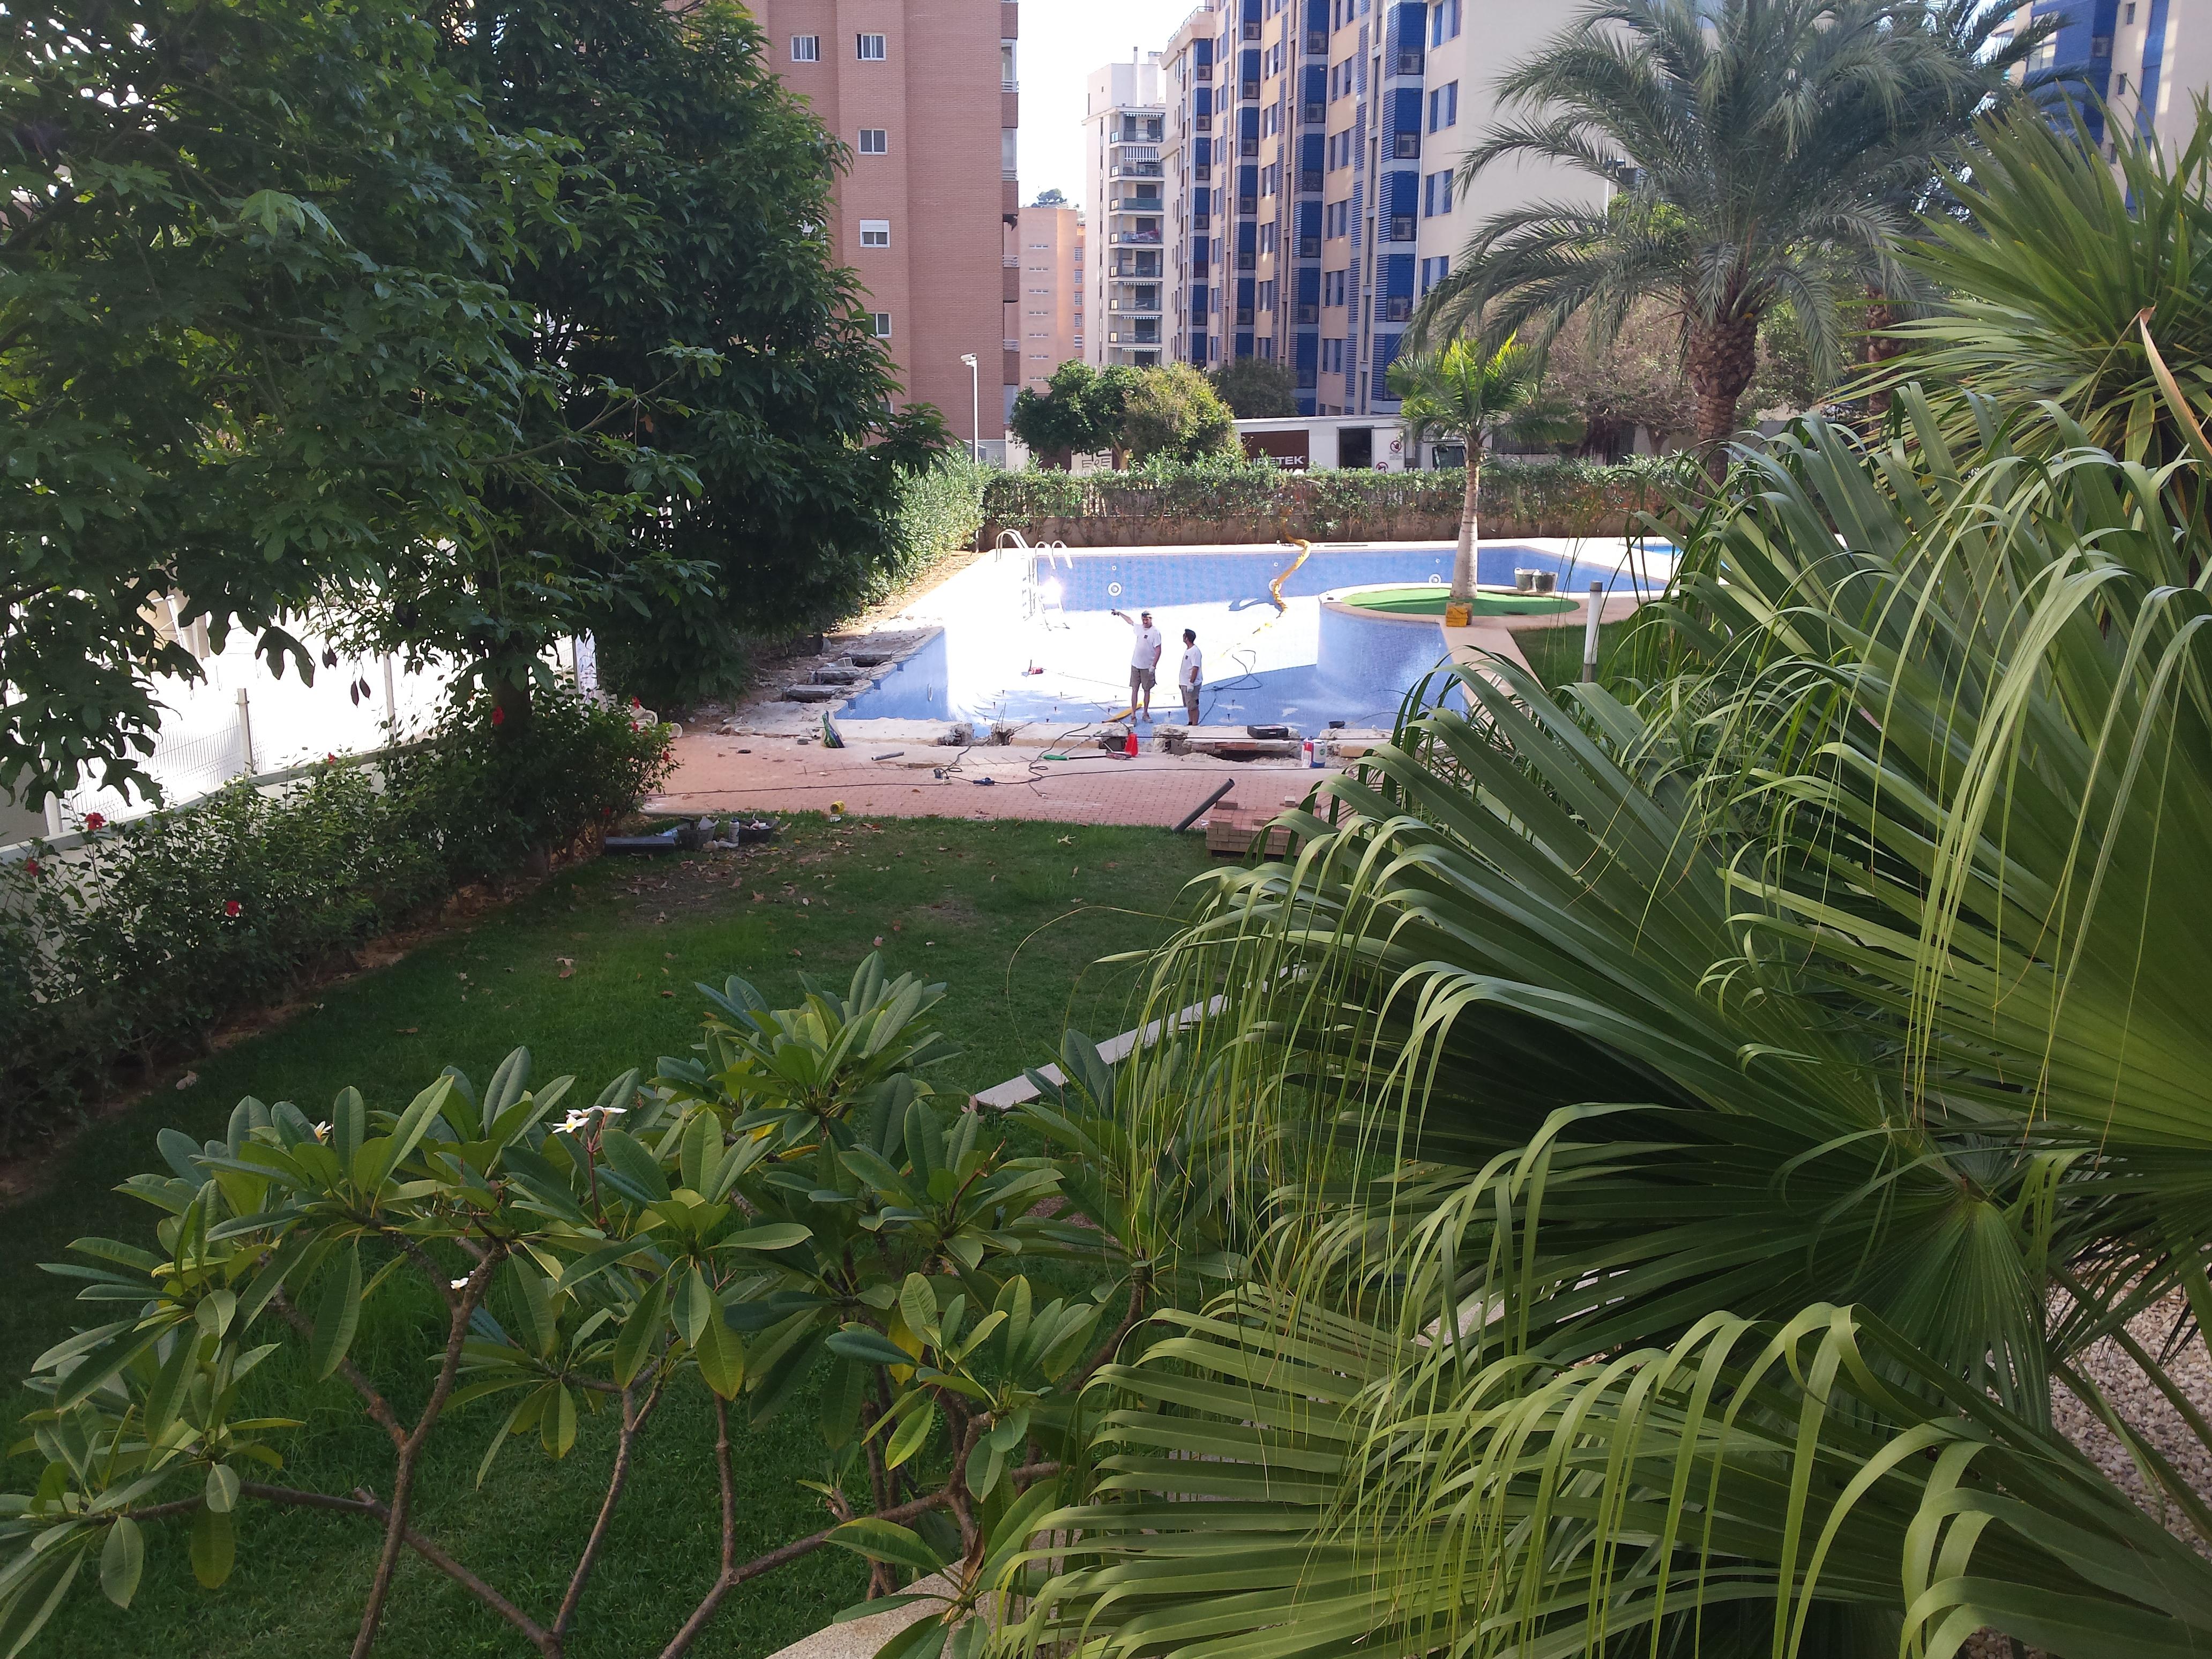 Obras reparaci n piscinas hoteles naves rehabilitaci n for Reparacion piscinas